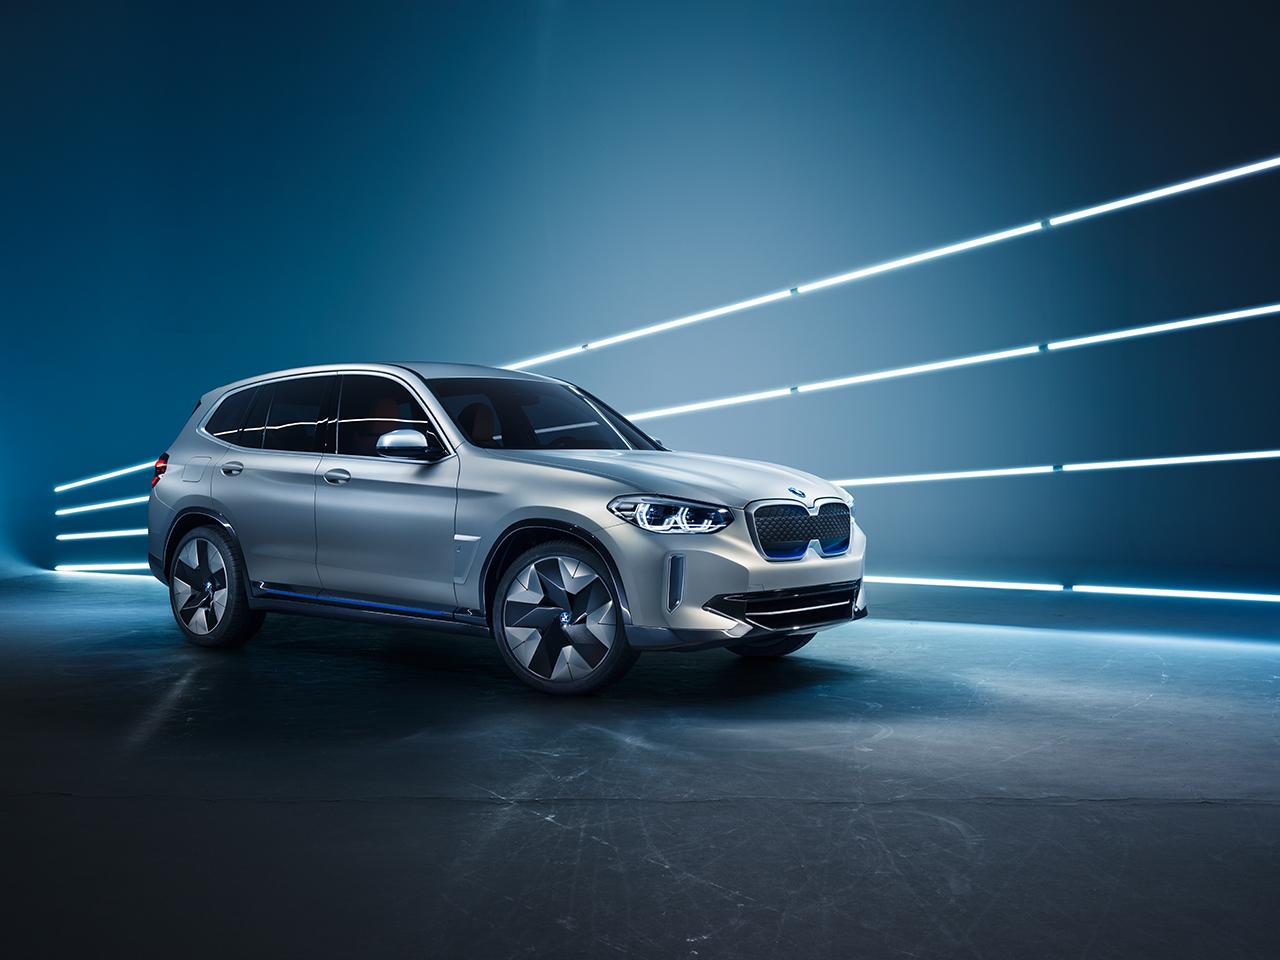 BMW Group afhenti yfir 140 þúsund bíla með rafmótor á síðasta ári